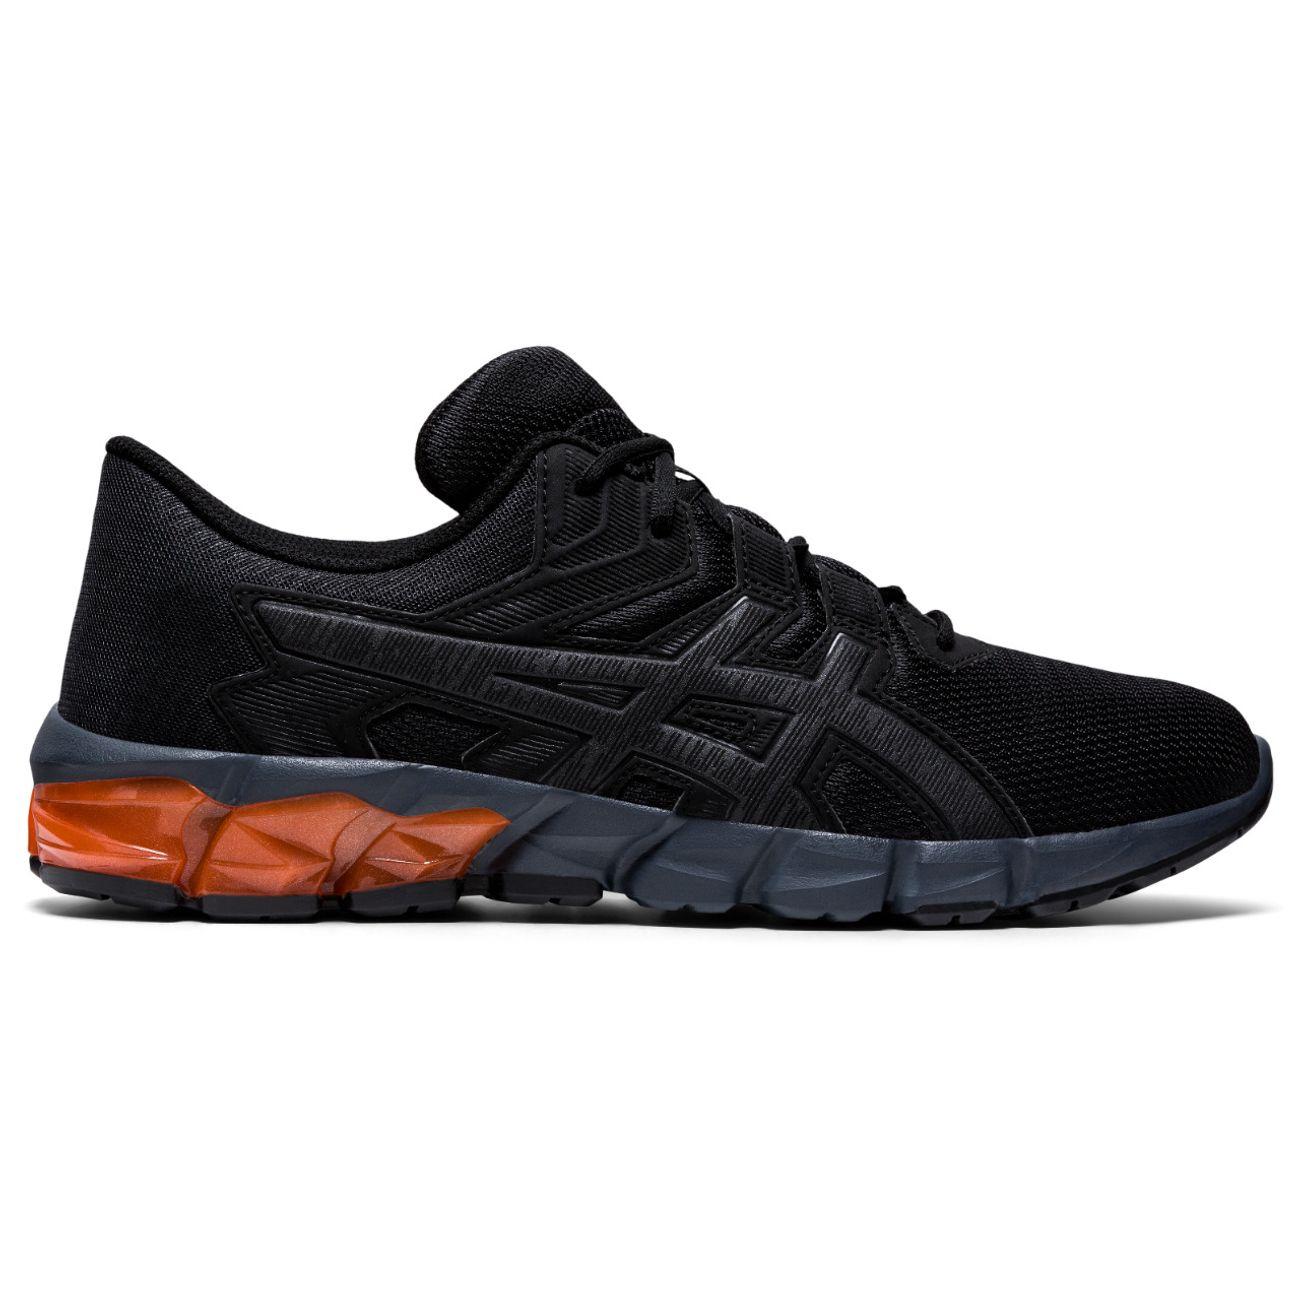 Paire de chaussures Asics Gel Quantum 90 - Tailles 40 à 46.5 (Vendeur Tiers)